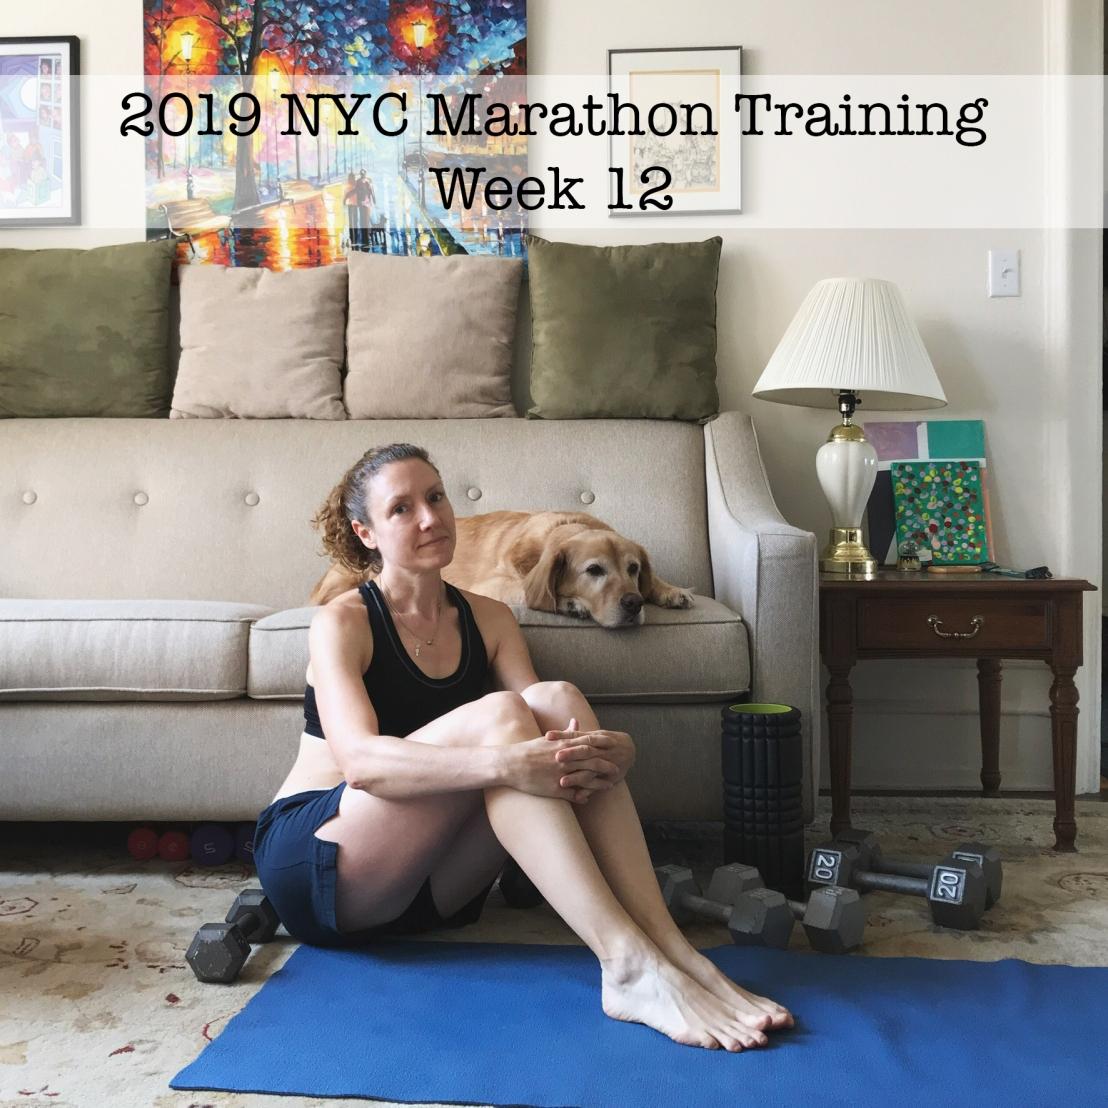 IMG_0641 2019 NYC Marathon Training Week 12